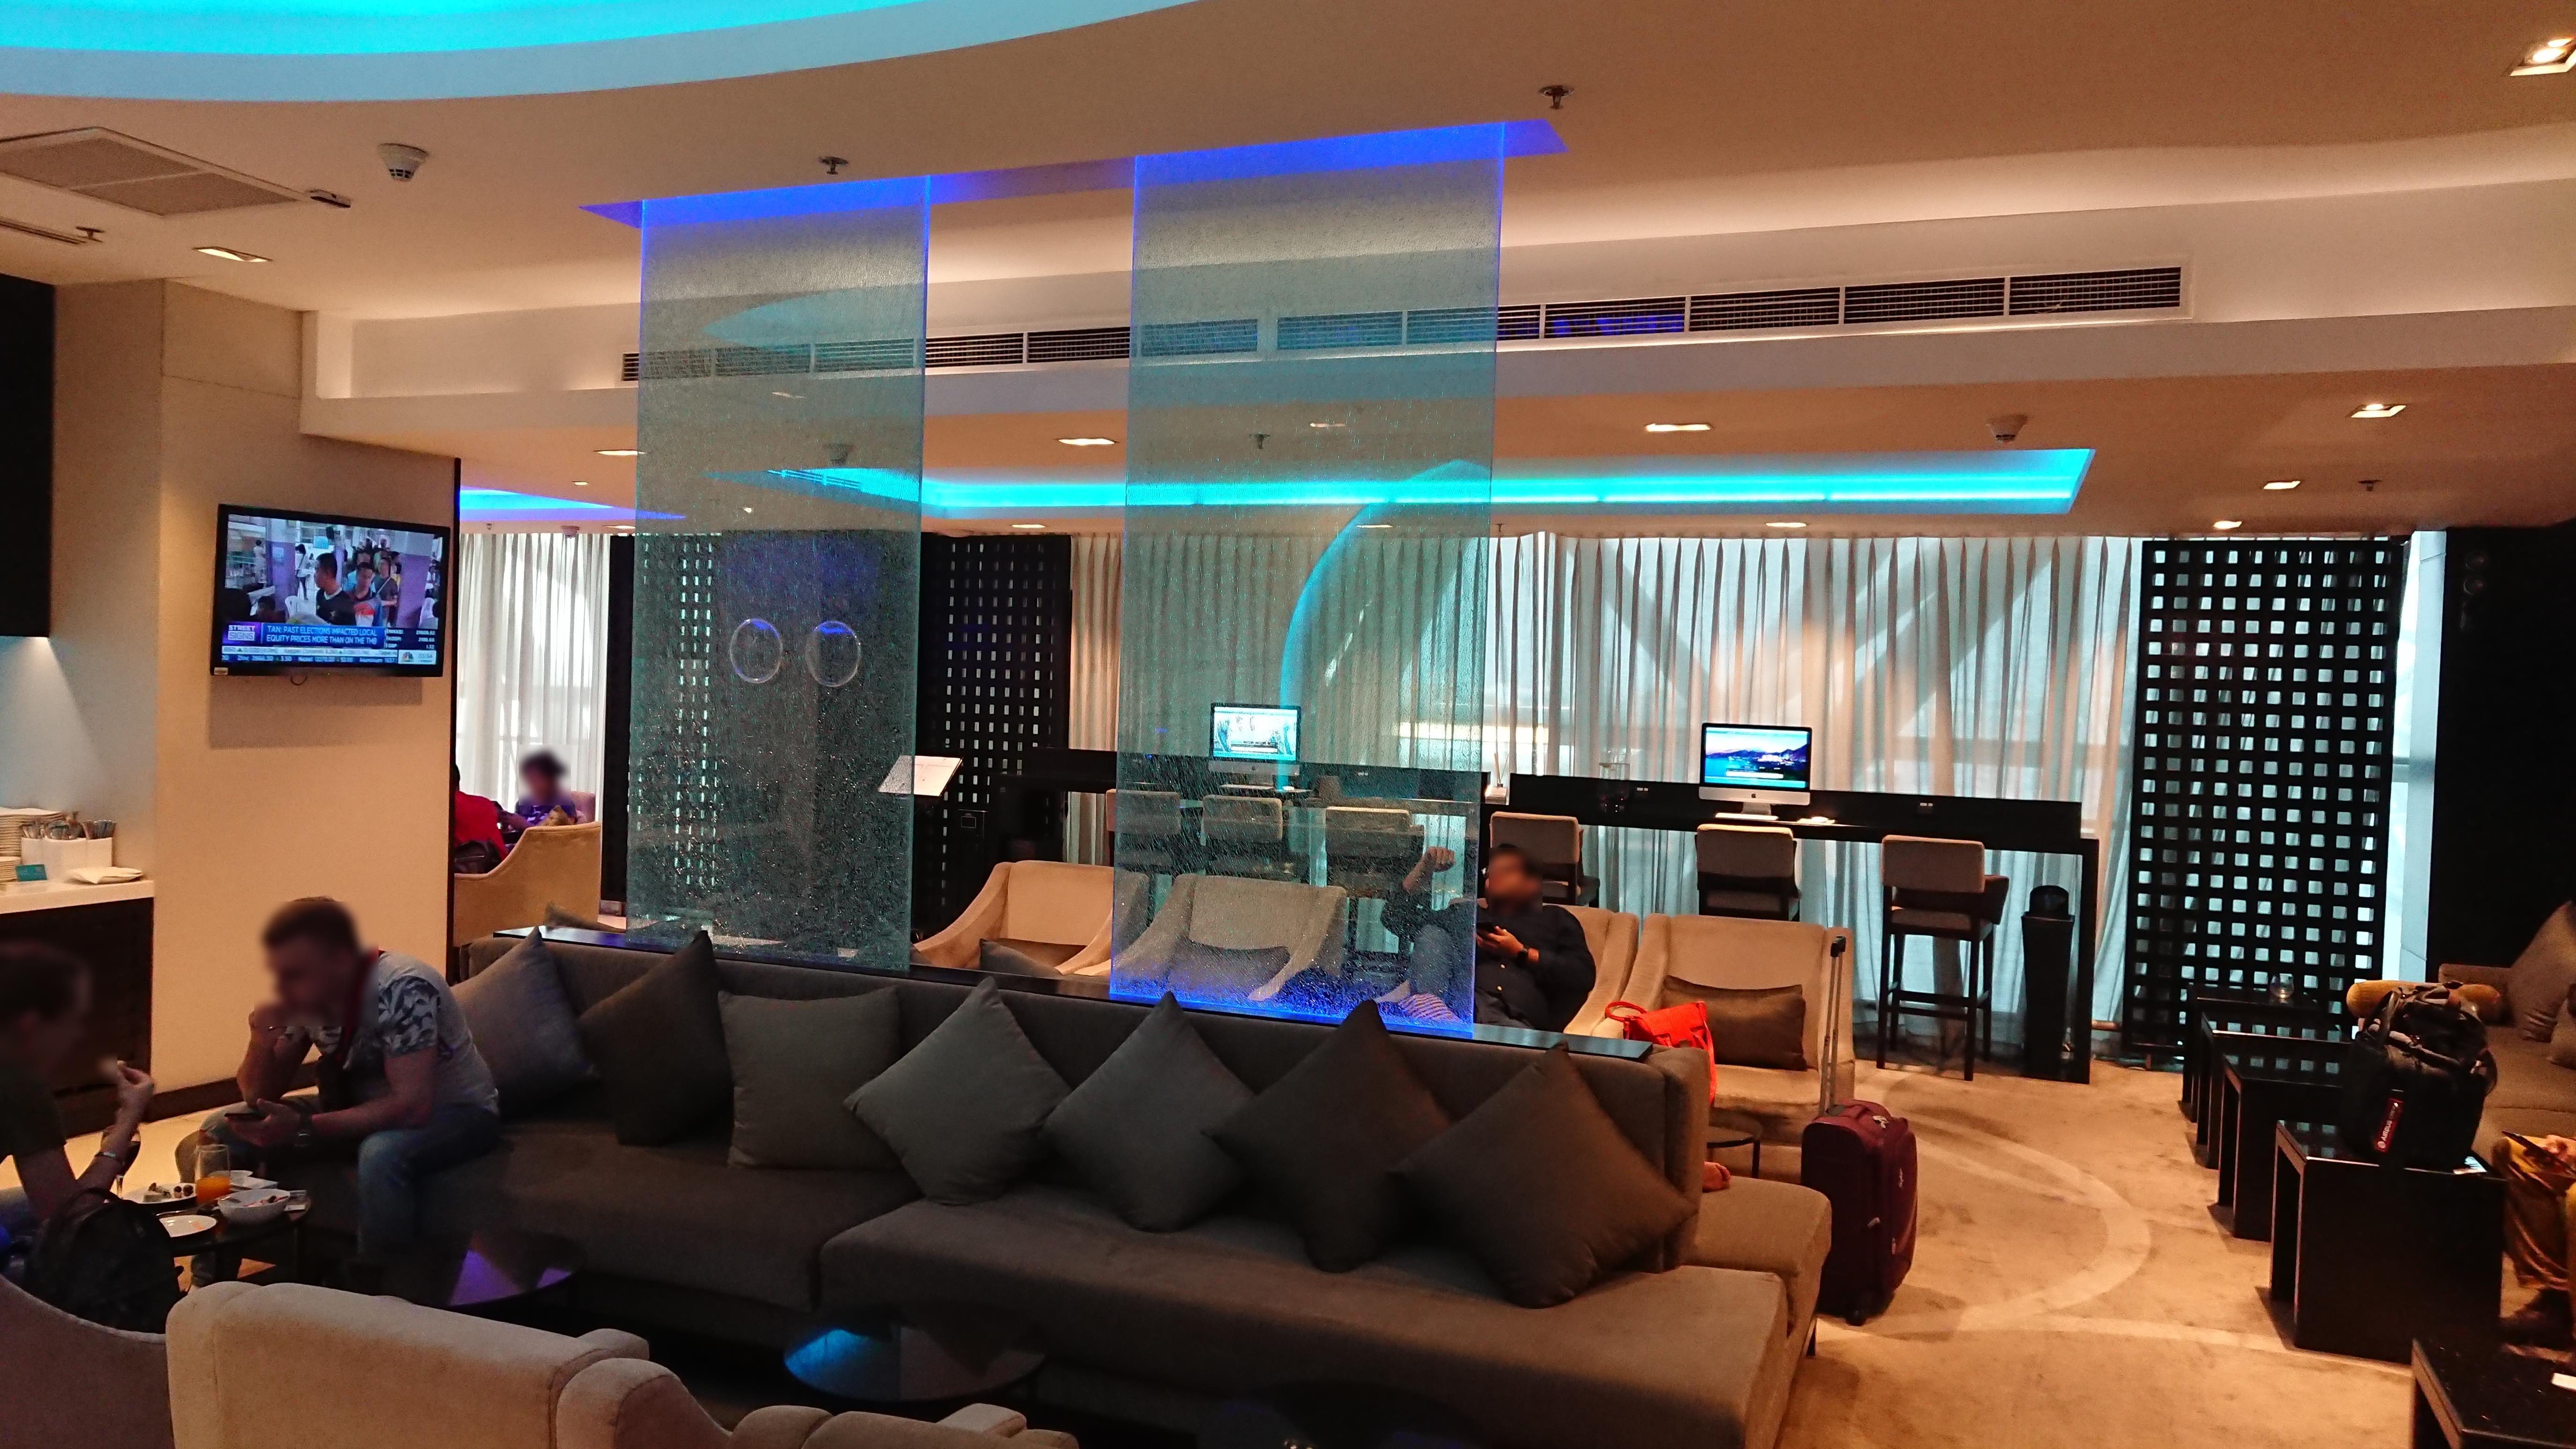 バンコク スワンナプーム国際空港 オマーン航空 ビジネスラウンジバンコク スワンナプーム国際空港 オマーン航空 ビジネスラウンジ